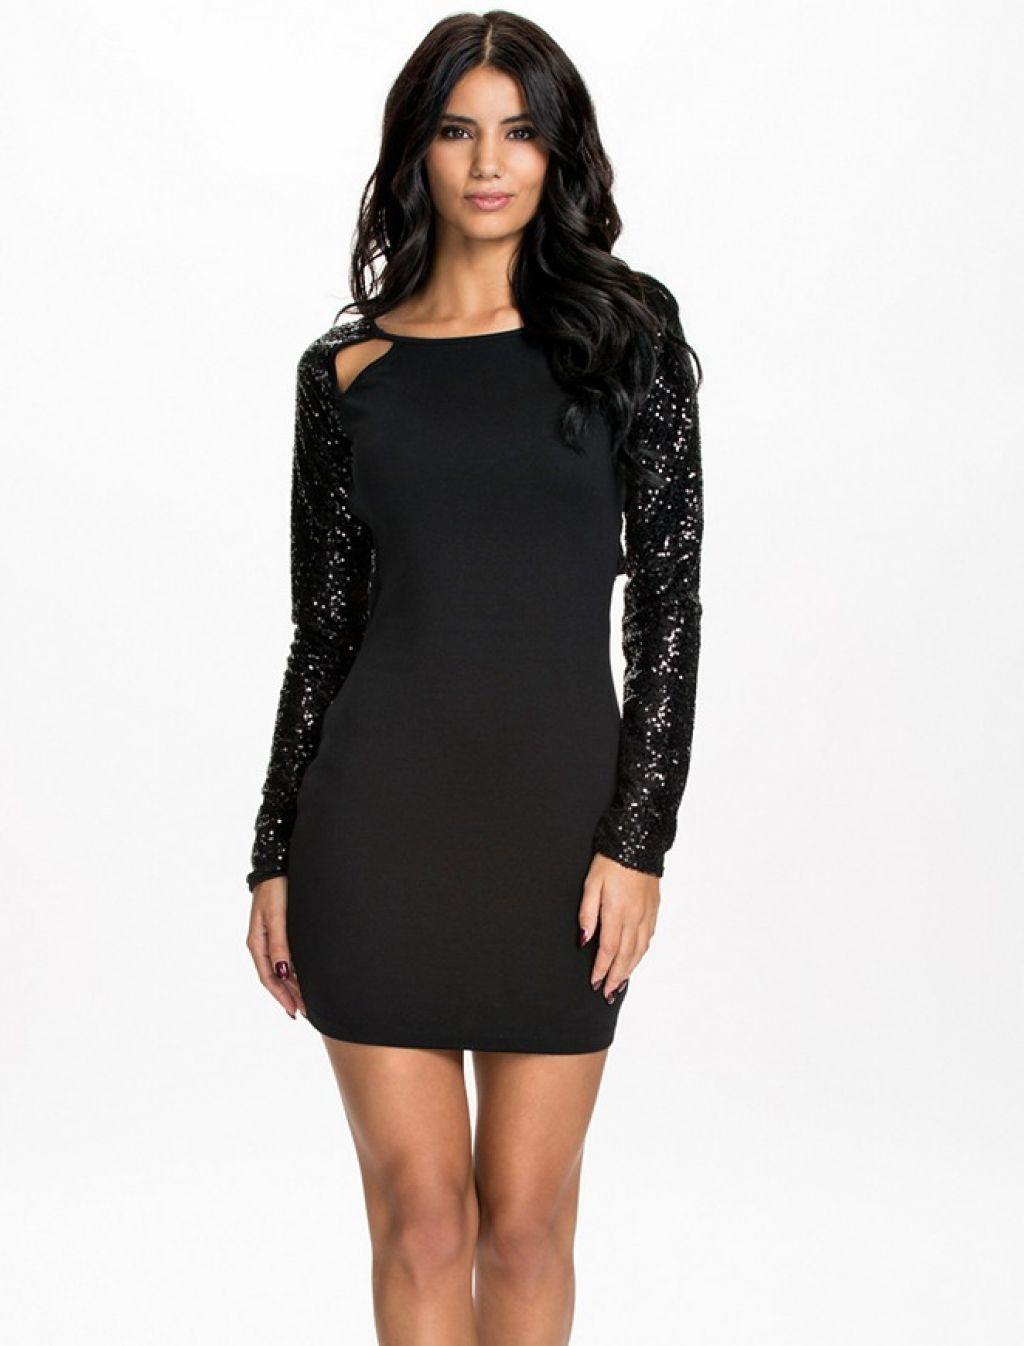 Espectacular vestido negro con manga larga y escote en la espalda y fantasía de lentejuelas